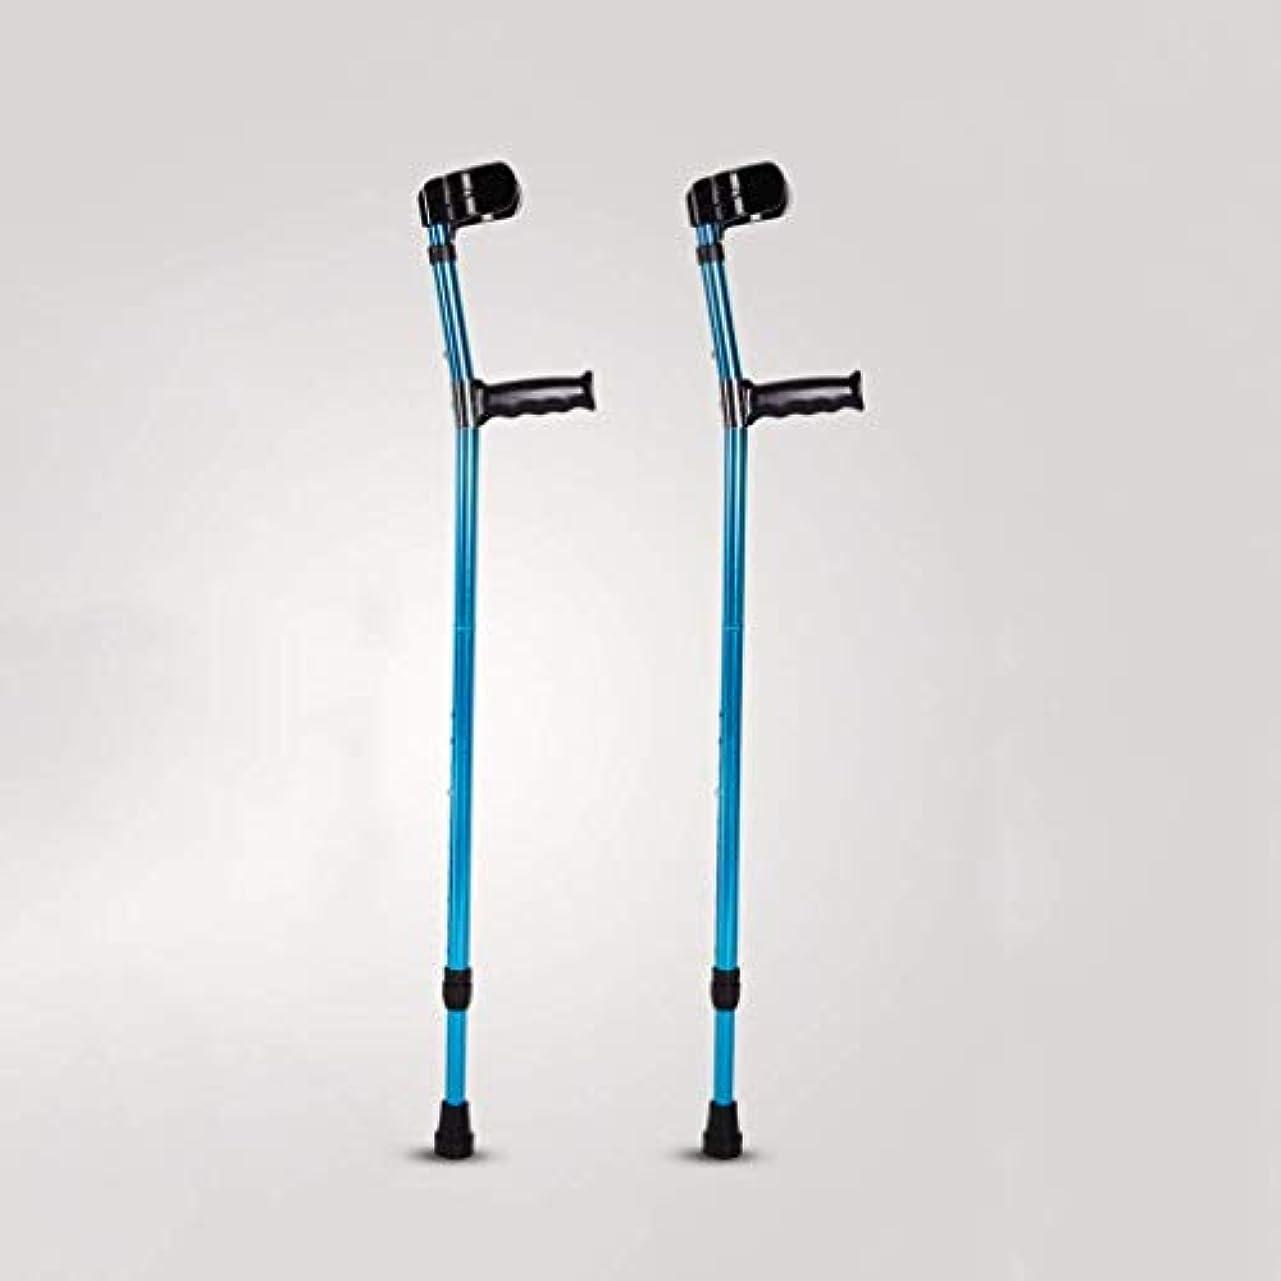 入手します海外で乳製品は、障害を持つ人々のための松葉杖/杖を無効にしました伸縮自在の折りたたみ式ポータブルポータブル84-116cm(33.07-45.67inches)を調整します(サイズ:2)